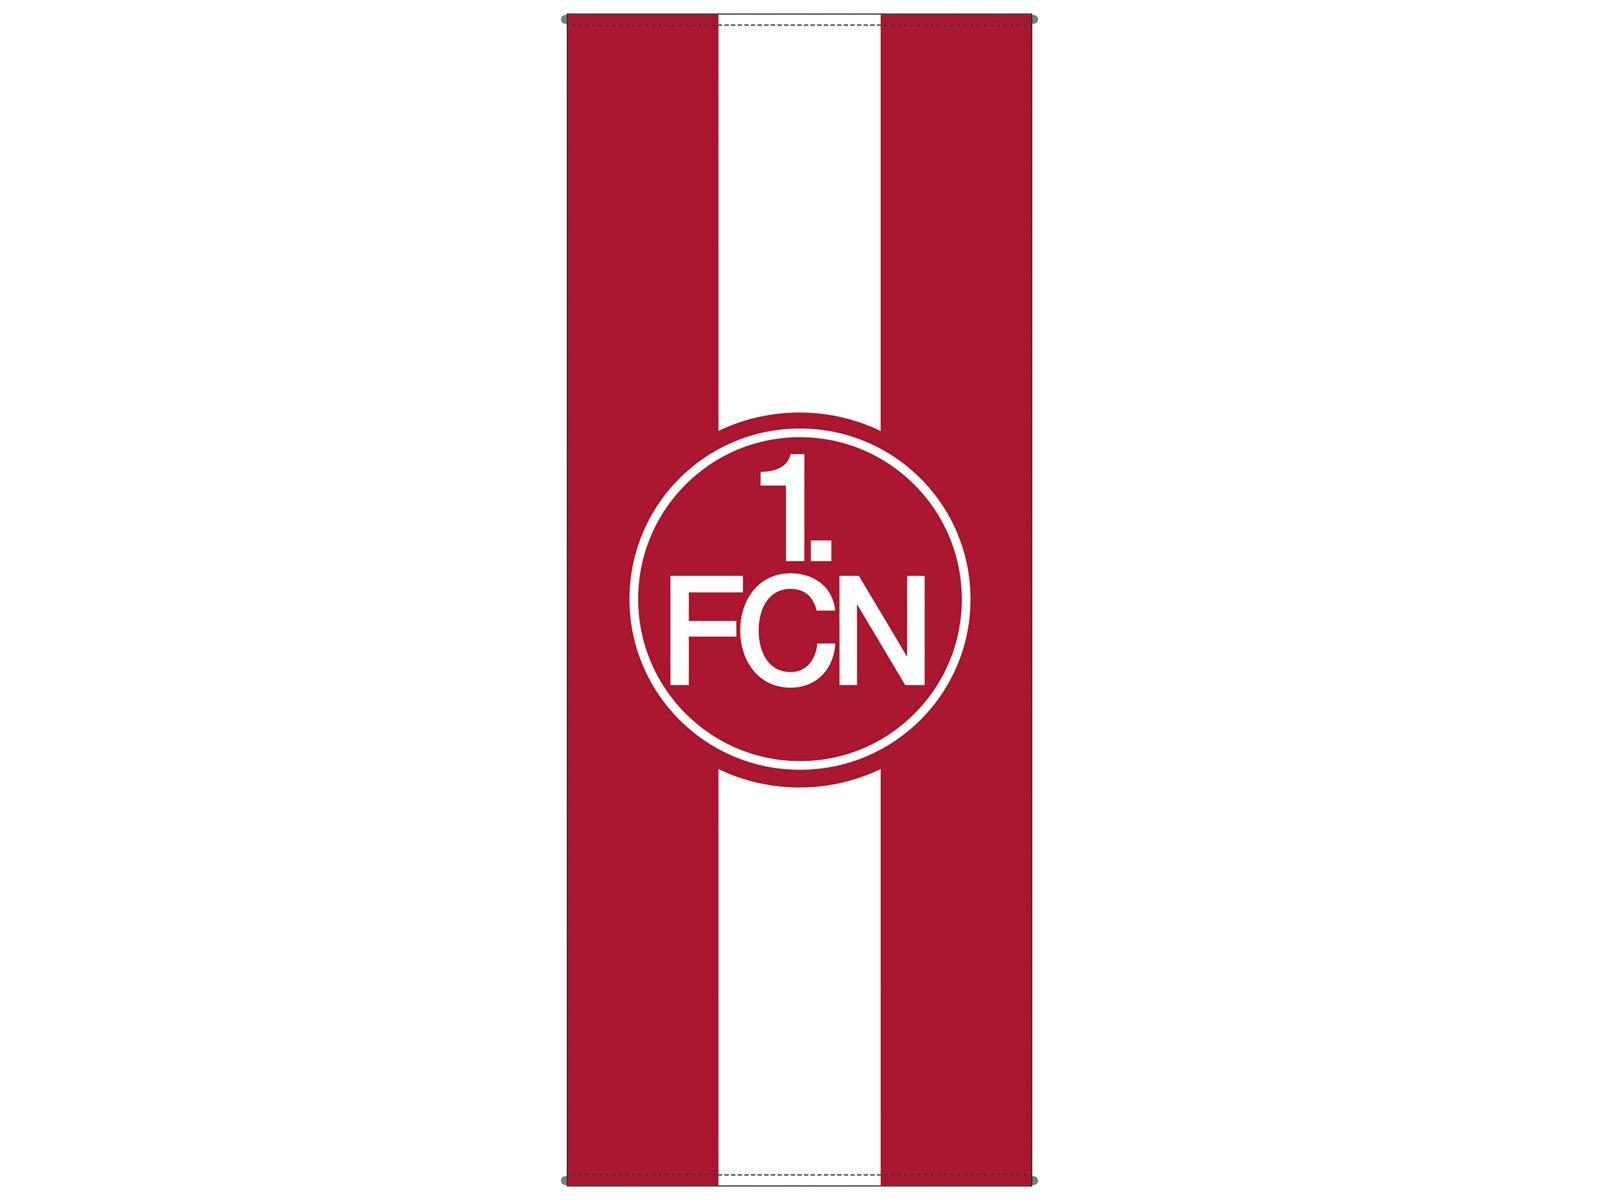 FCN: BANNERFAHNE FAHNE FLAGGE 1. FCN - 1. FC Nürnberg